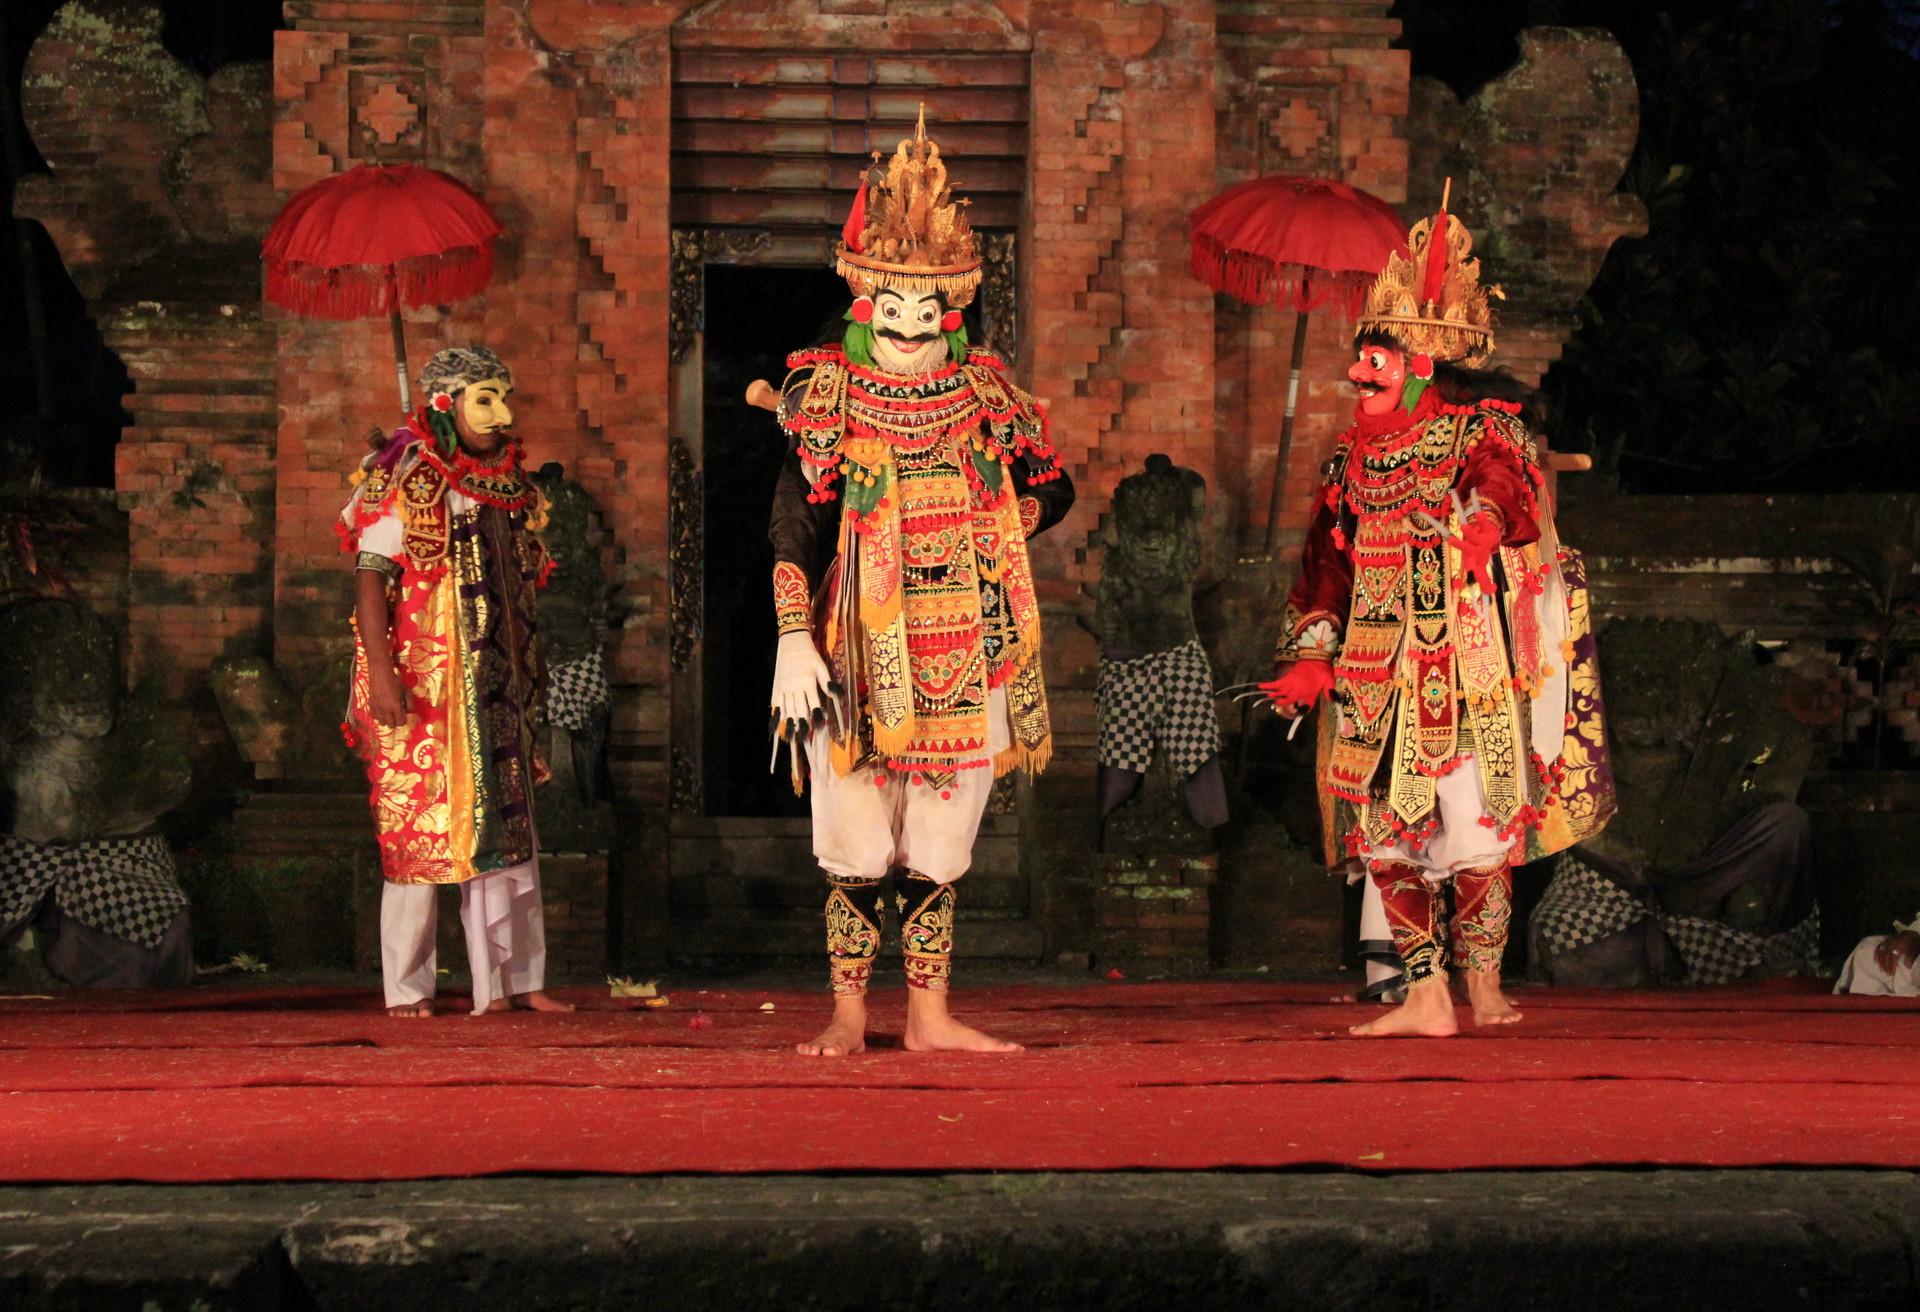 Los progatonistas de este kathakali, Pacha y Minukku, cuenta su historia a través de la danza